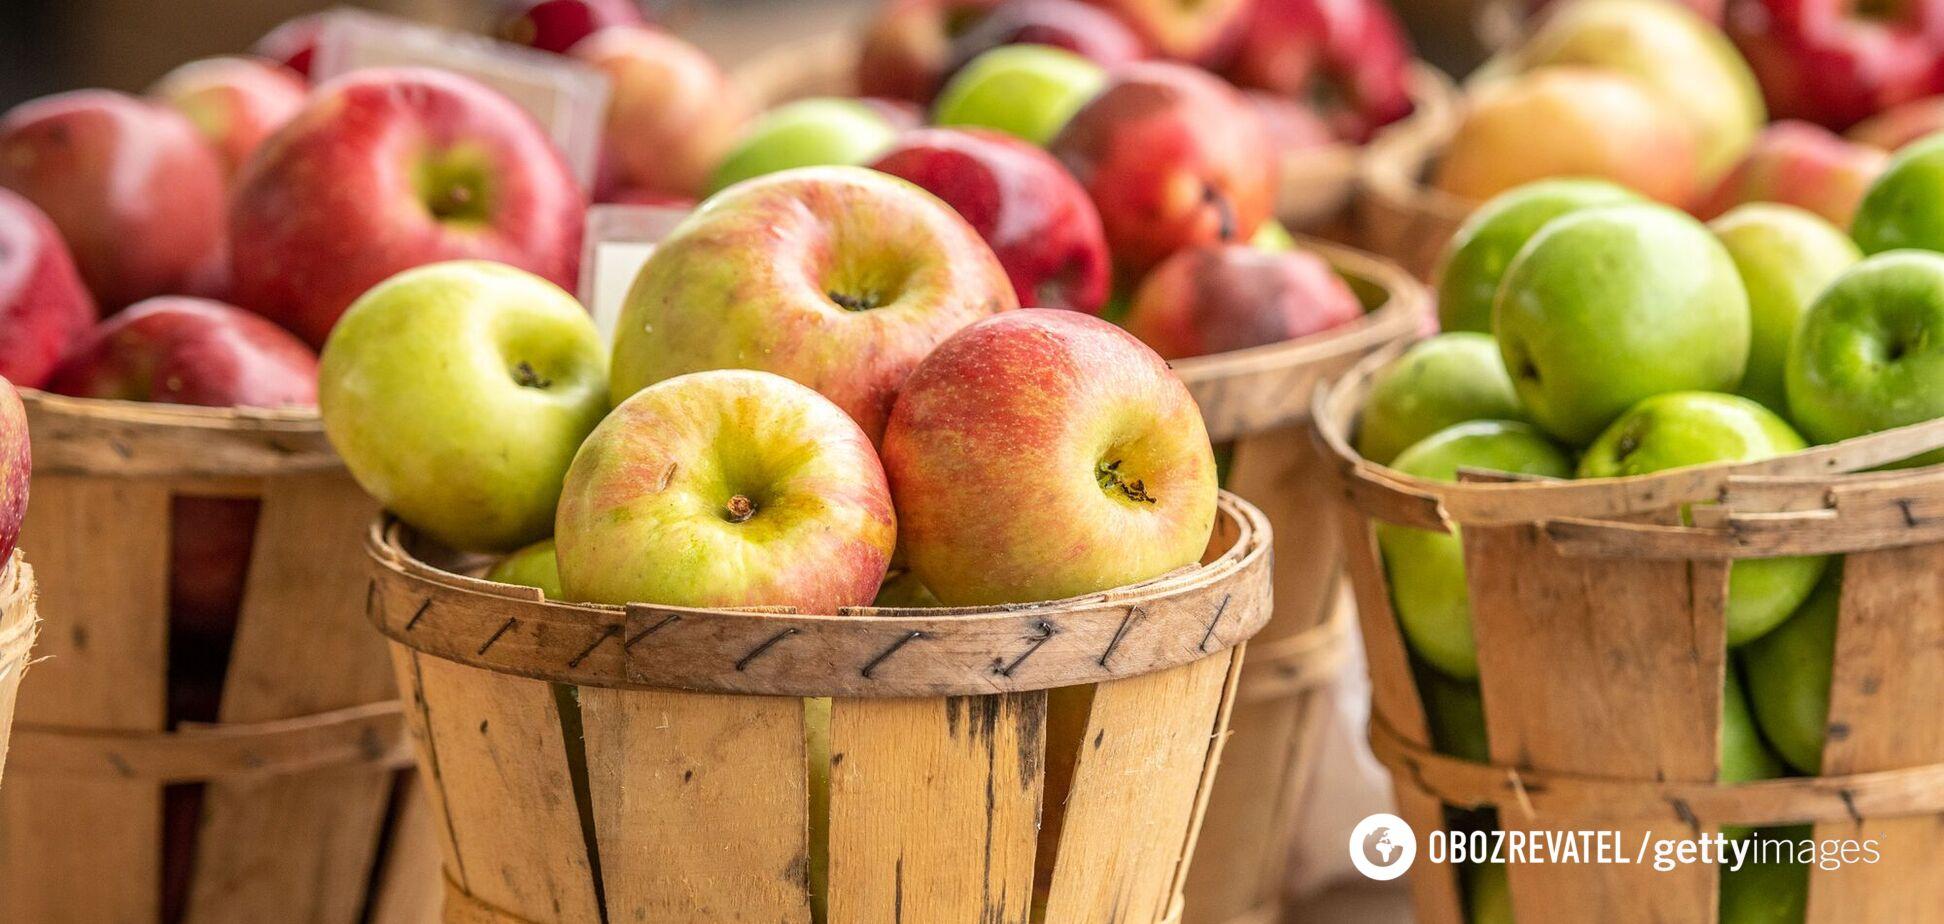 Врожаю яблук, винограду, сливи, динь в Україні загрожує знищення, – фермерка